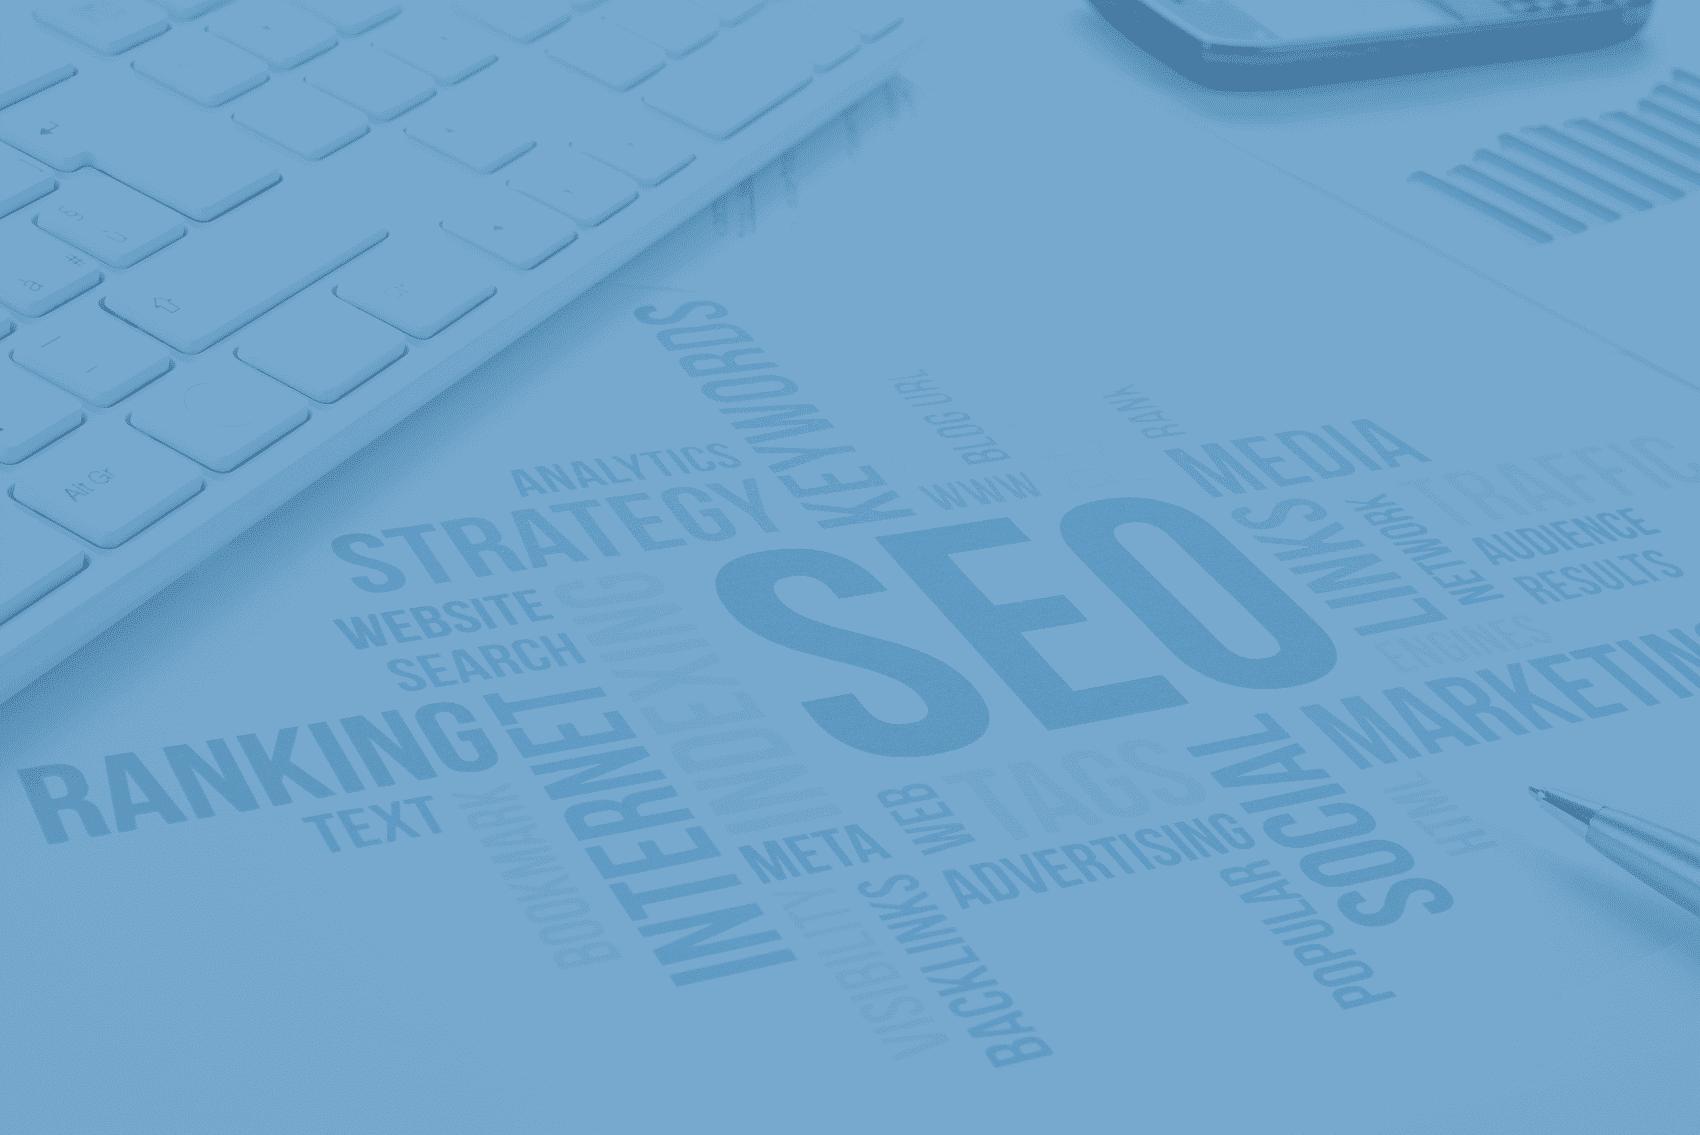 Comment votre stratégie de content marketing peut améliorer votre SEO